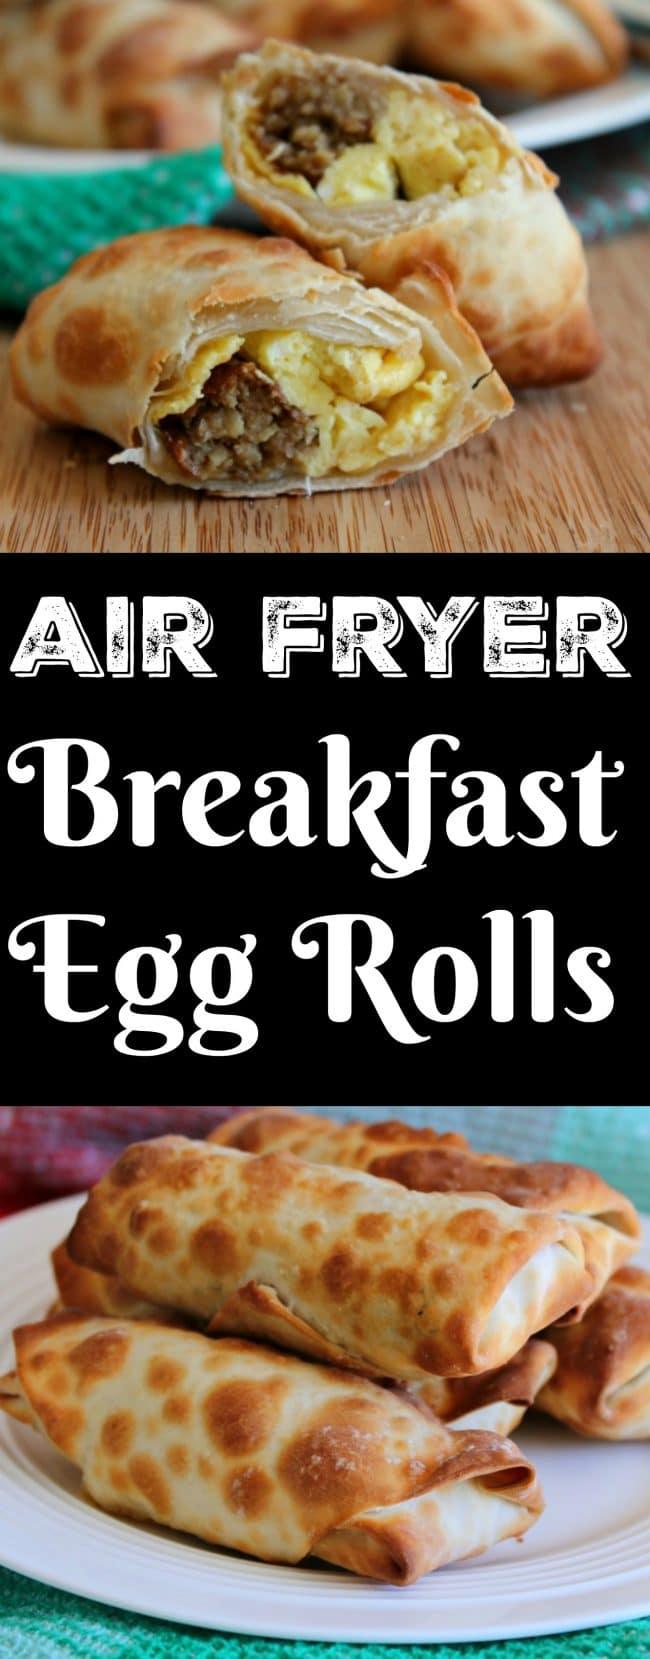 Breakfast Egg Rolls Air Fryer Foody Schmoody Blog